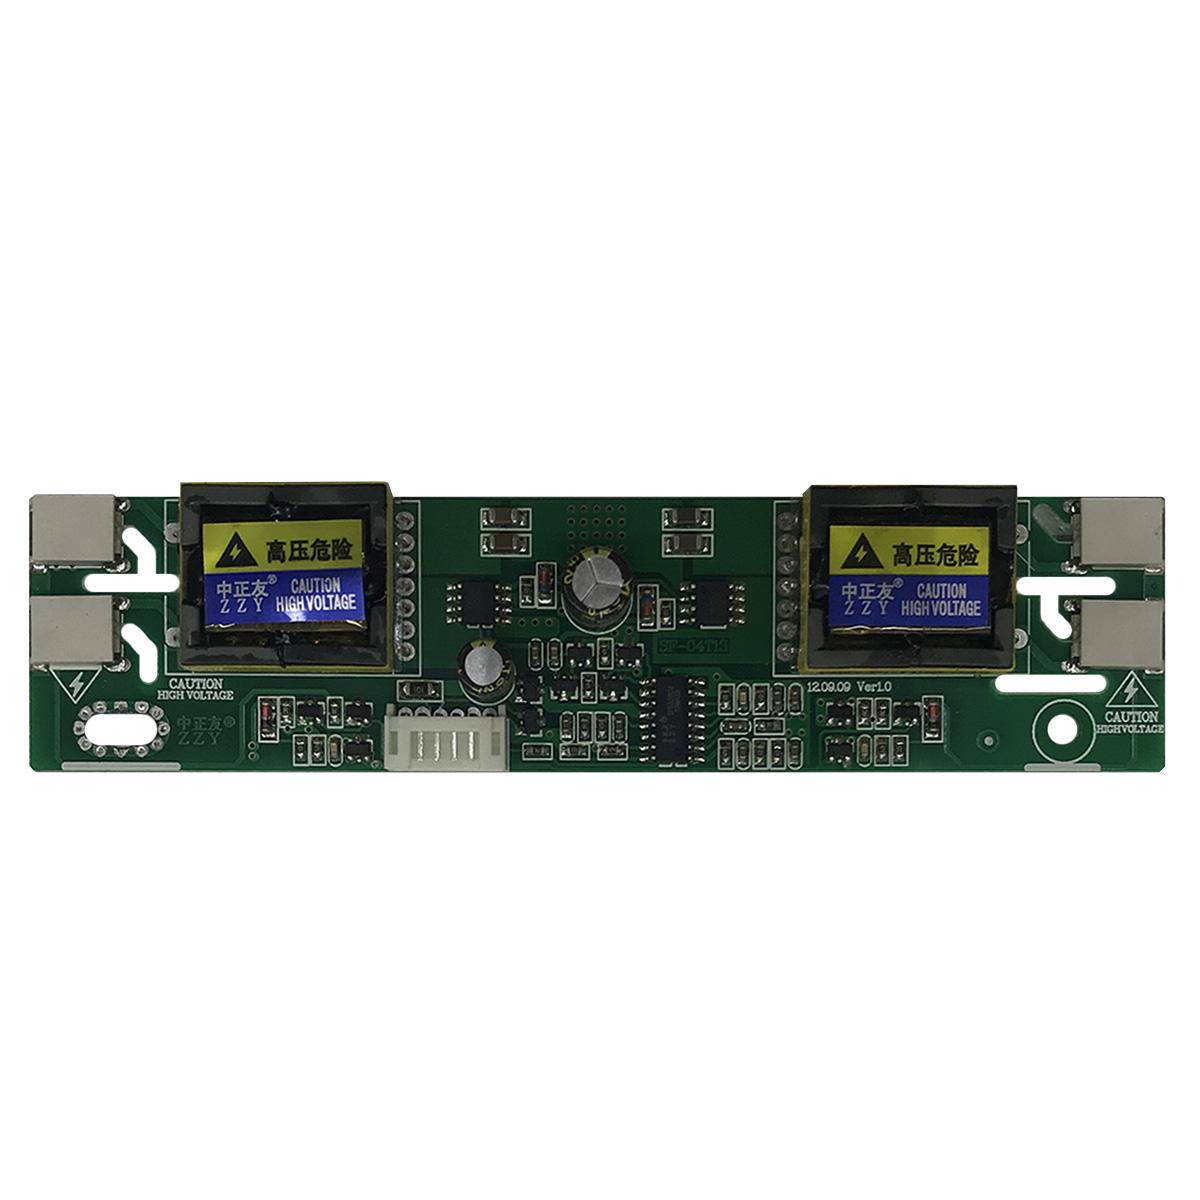 [Новый] Инвертор универсальный AVT4028 для мониторов и телевизоров